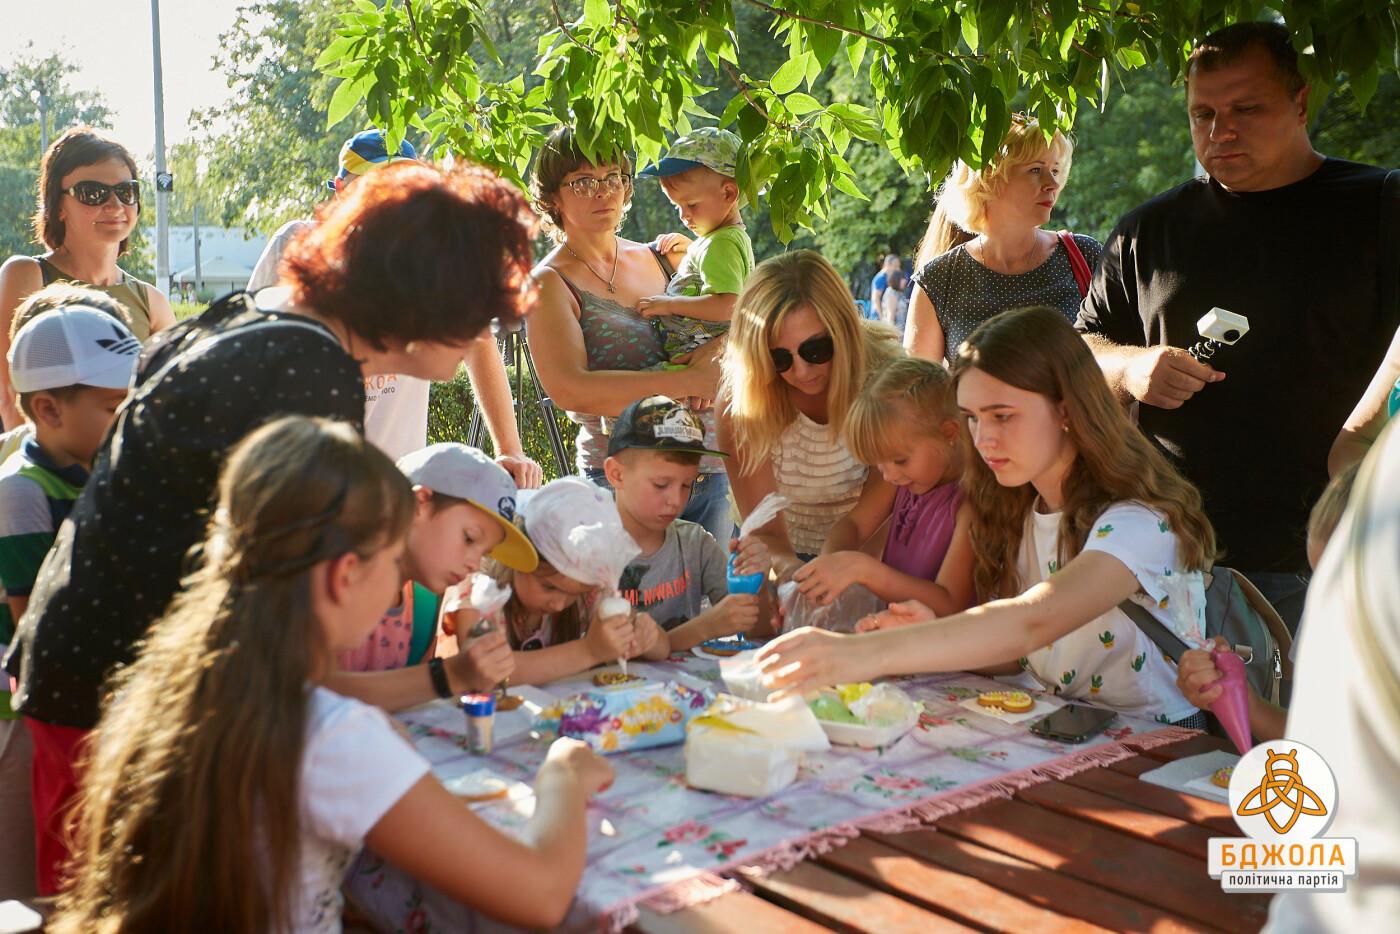 Сладкий праздник от партии «Бджола», фото-3